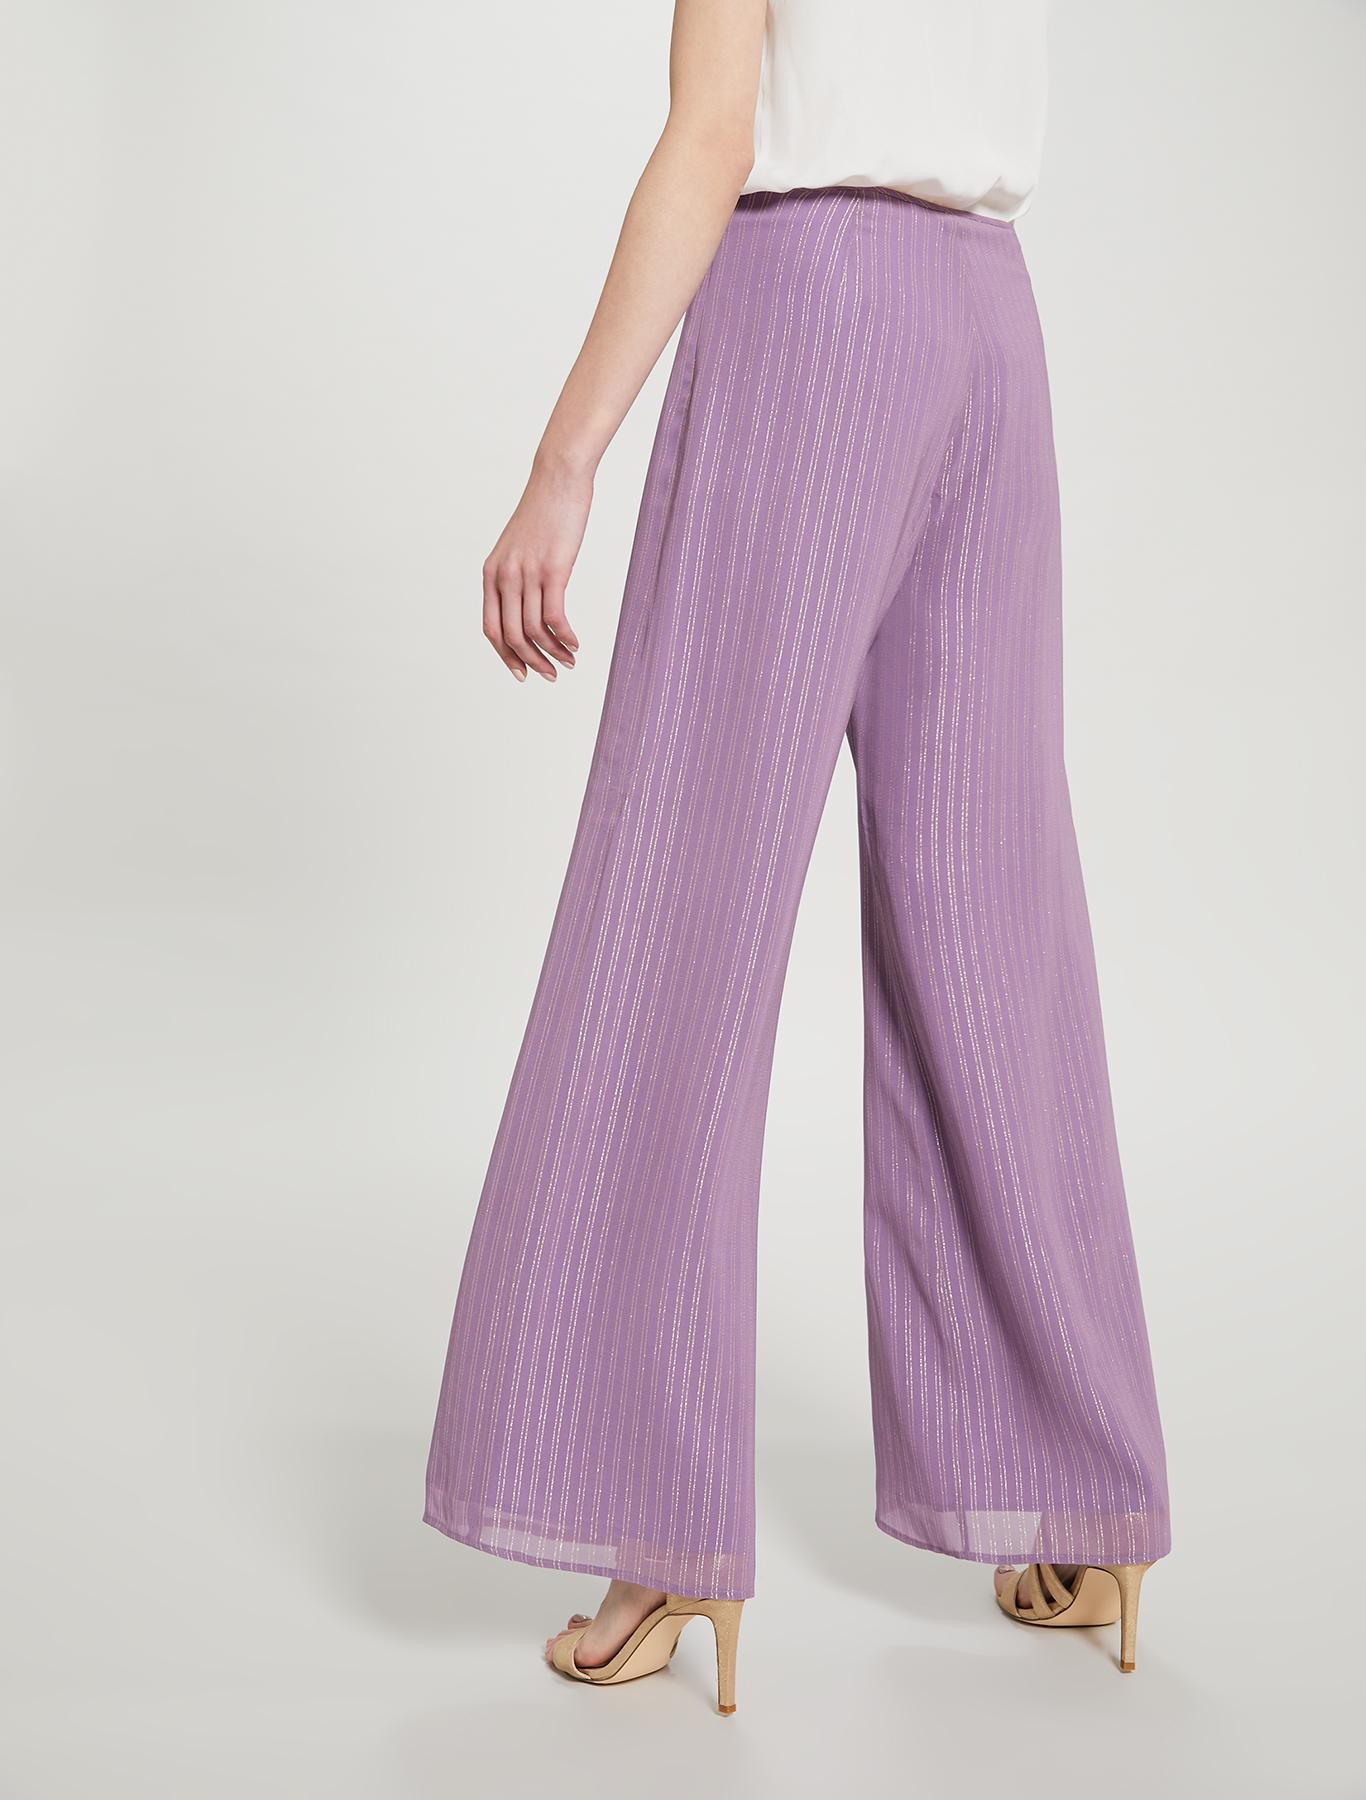 Lamé chalk-stripe palazzo pants - lilac pattern - pennyblack